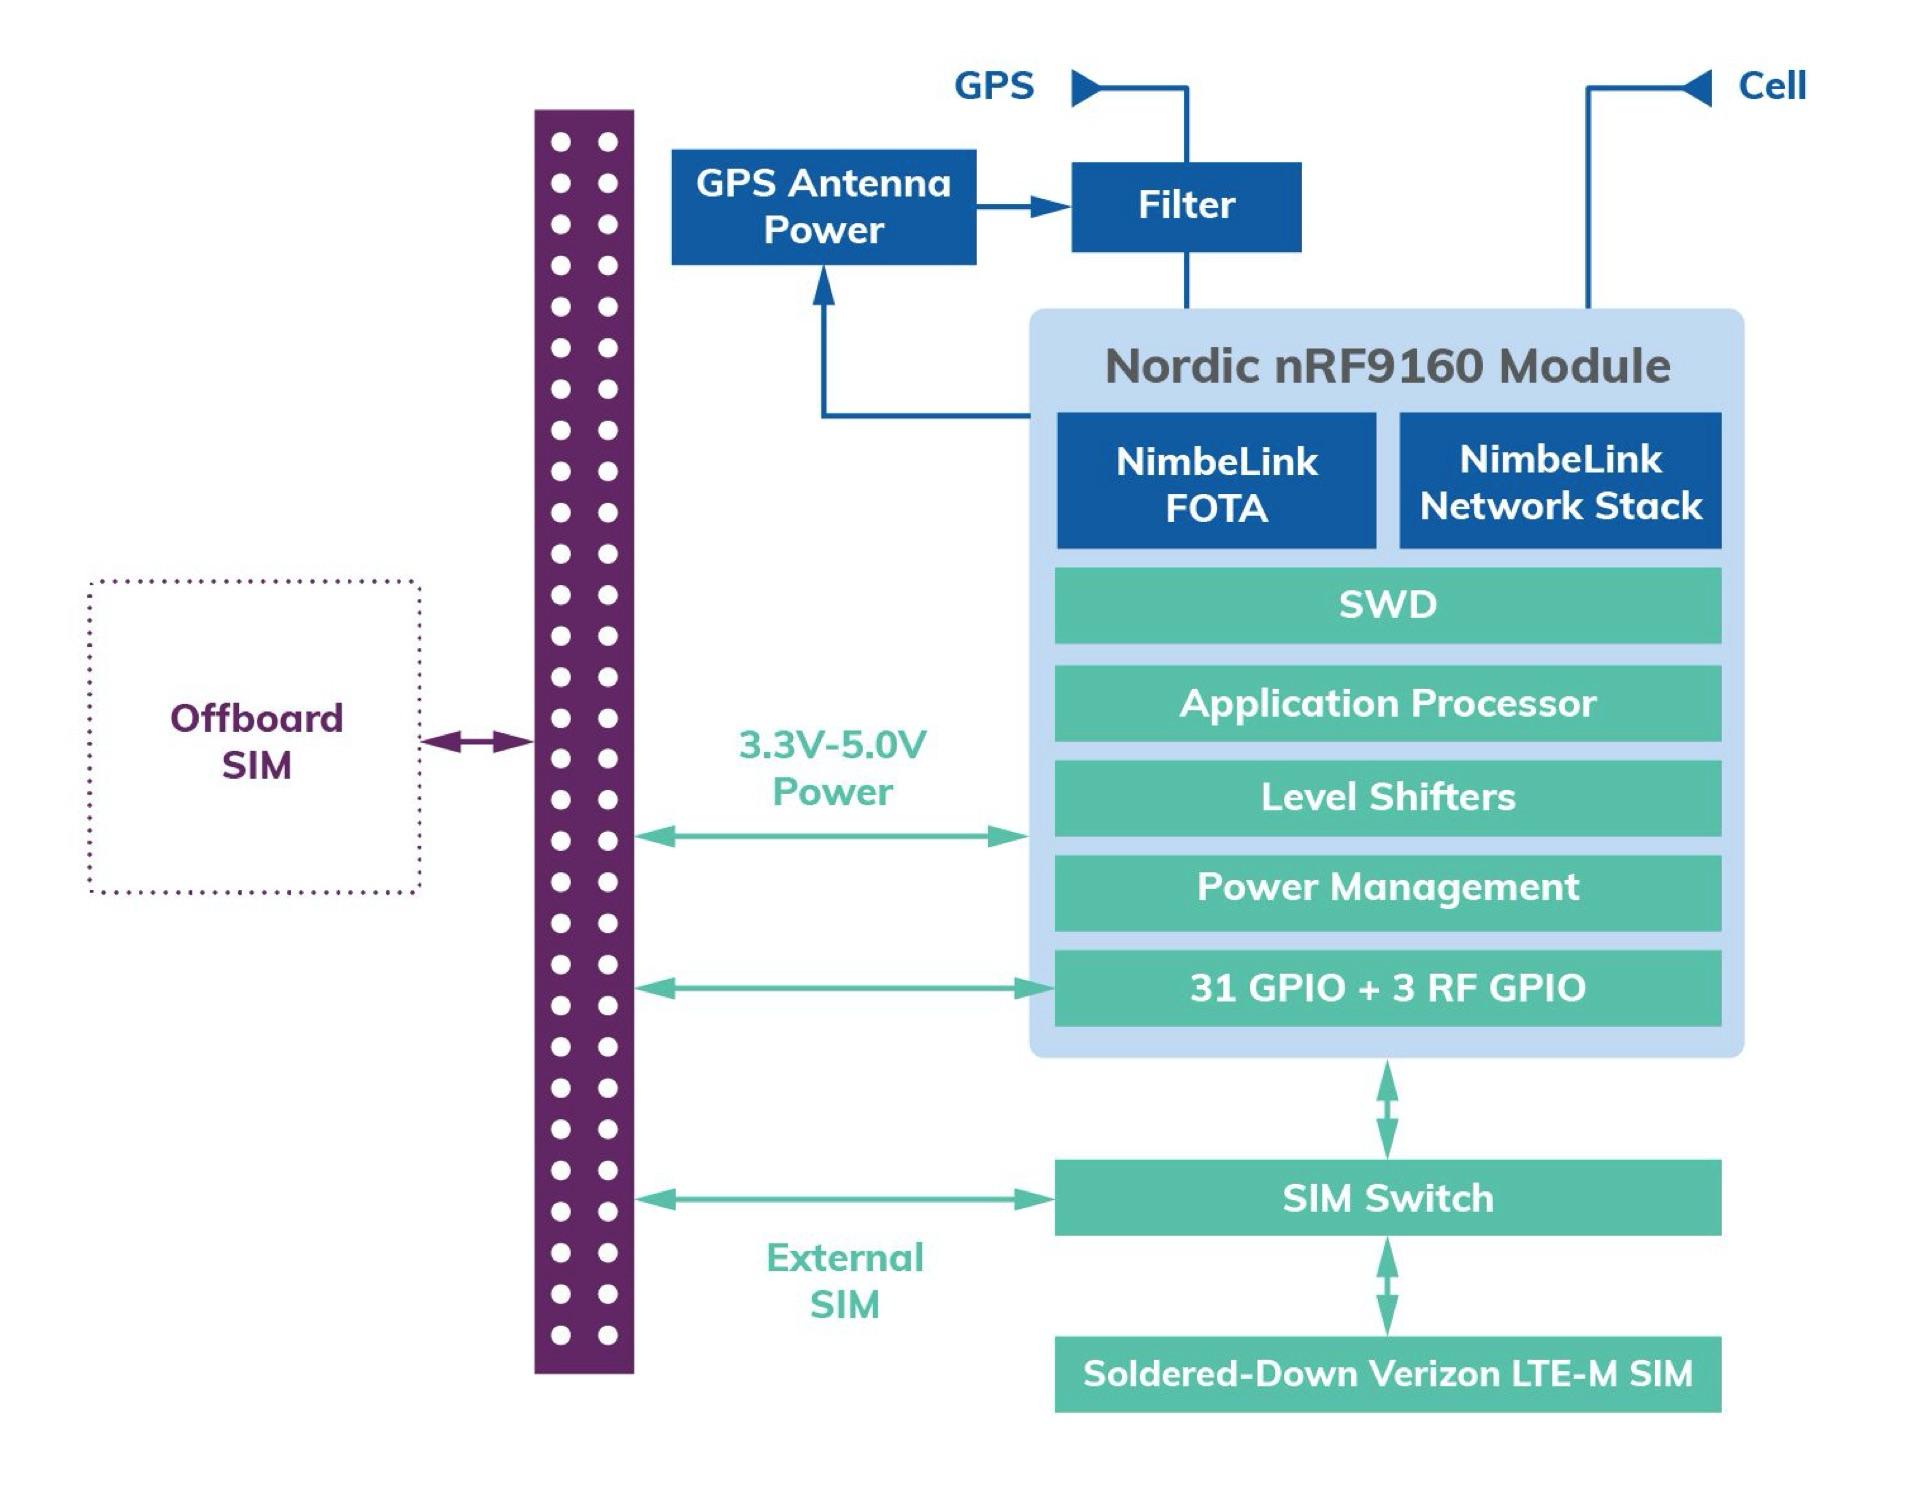 經驗證的嵌入式調制解調器:幫助輕松實現蜂窩IoT技術,并推動基礎設施蓬勃發展